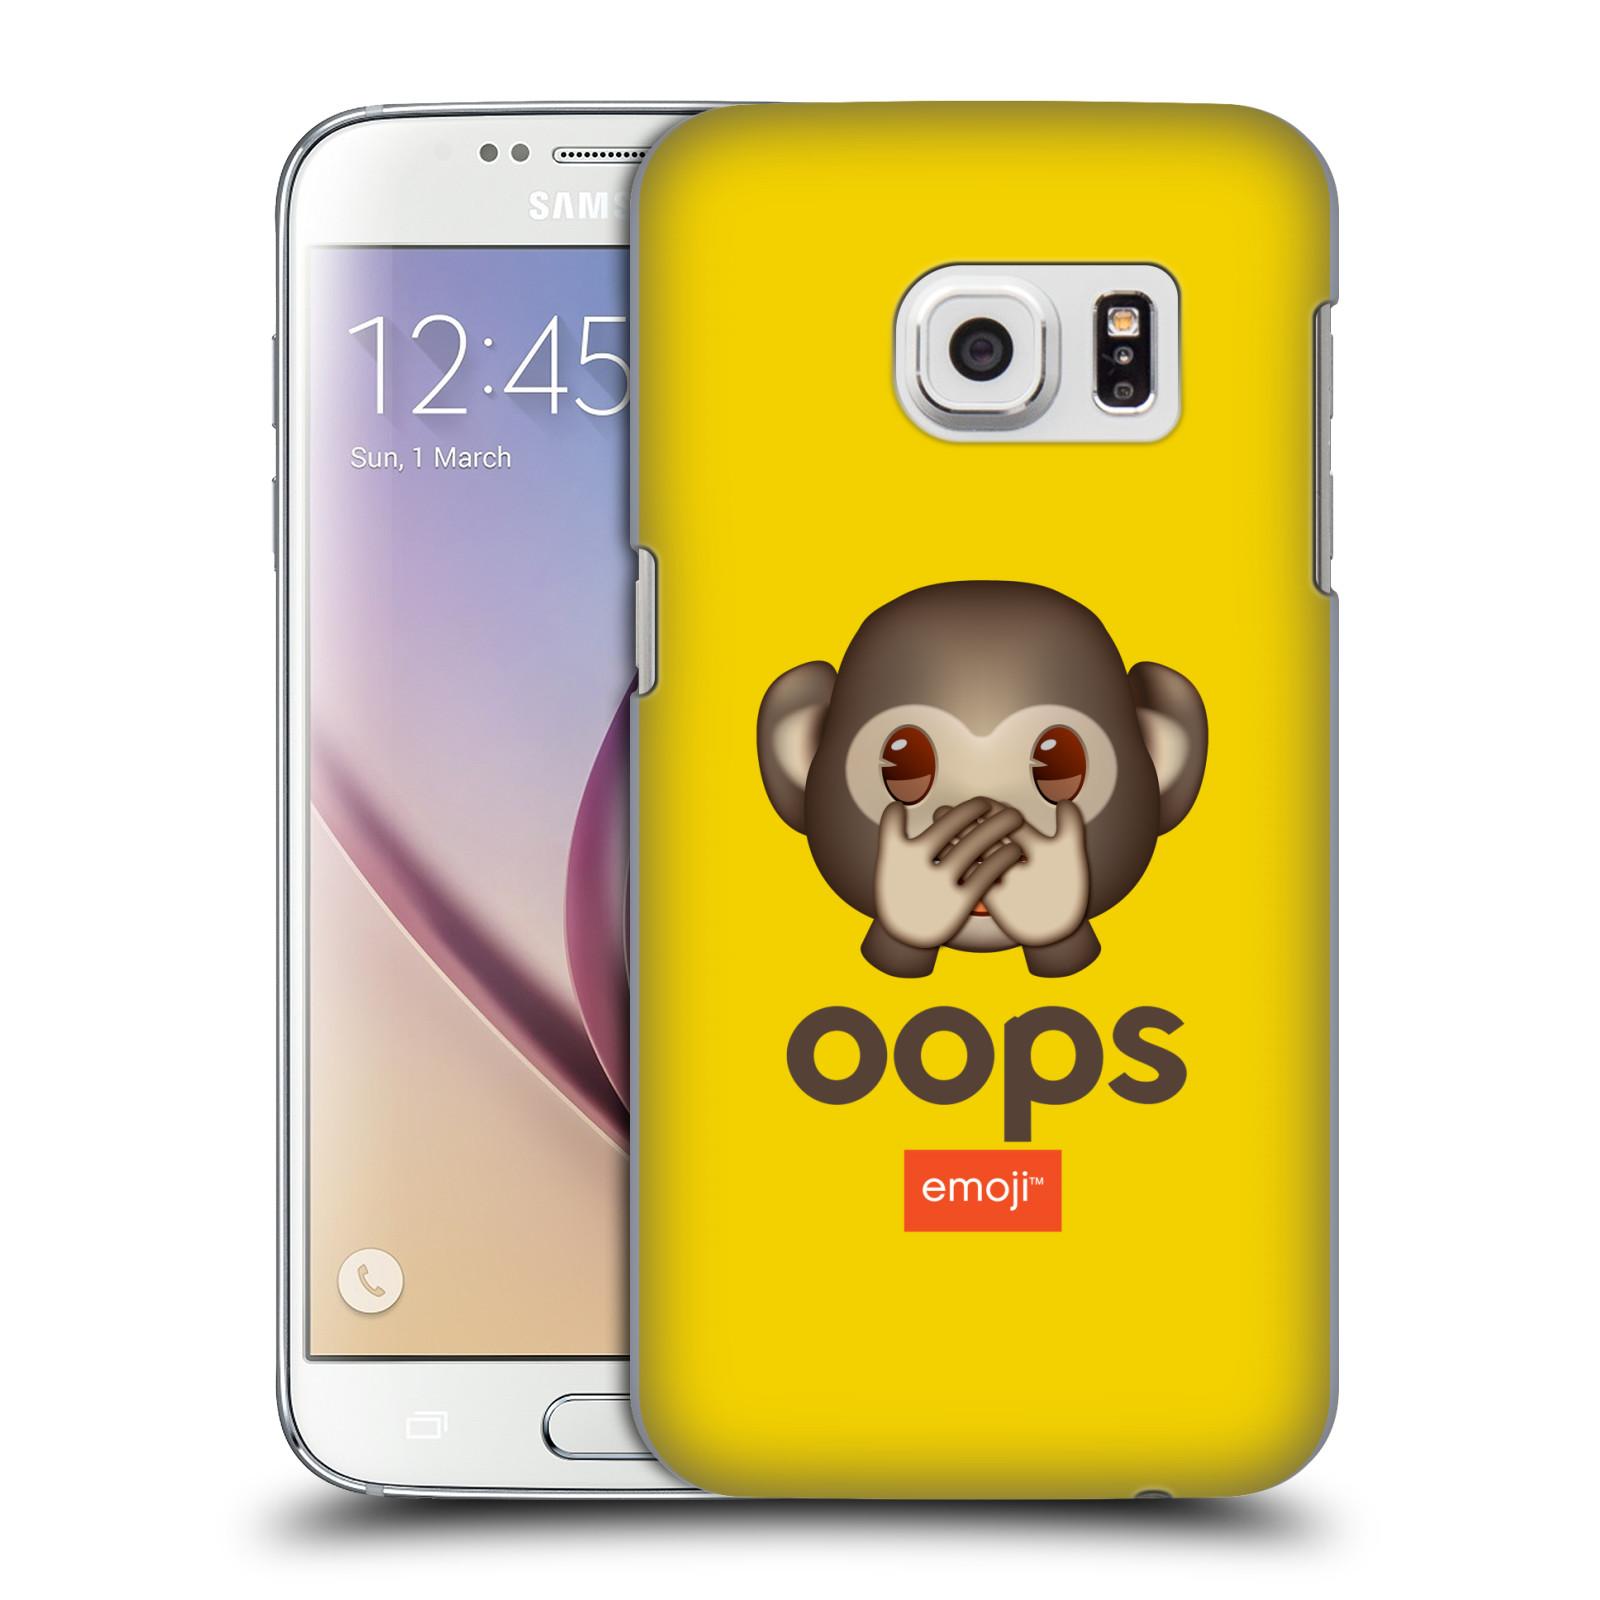 Plastové pouzdro na mobil Samsung Galaxy S7 HEAD CASE EMOJI - Opička OOPS (Kryt či obal s oficiálním motivem EMOJI na mobilní telefon Samsung Galaxy S7 SM-G930F)